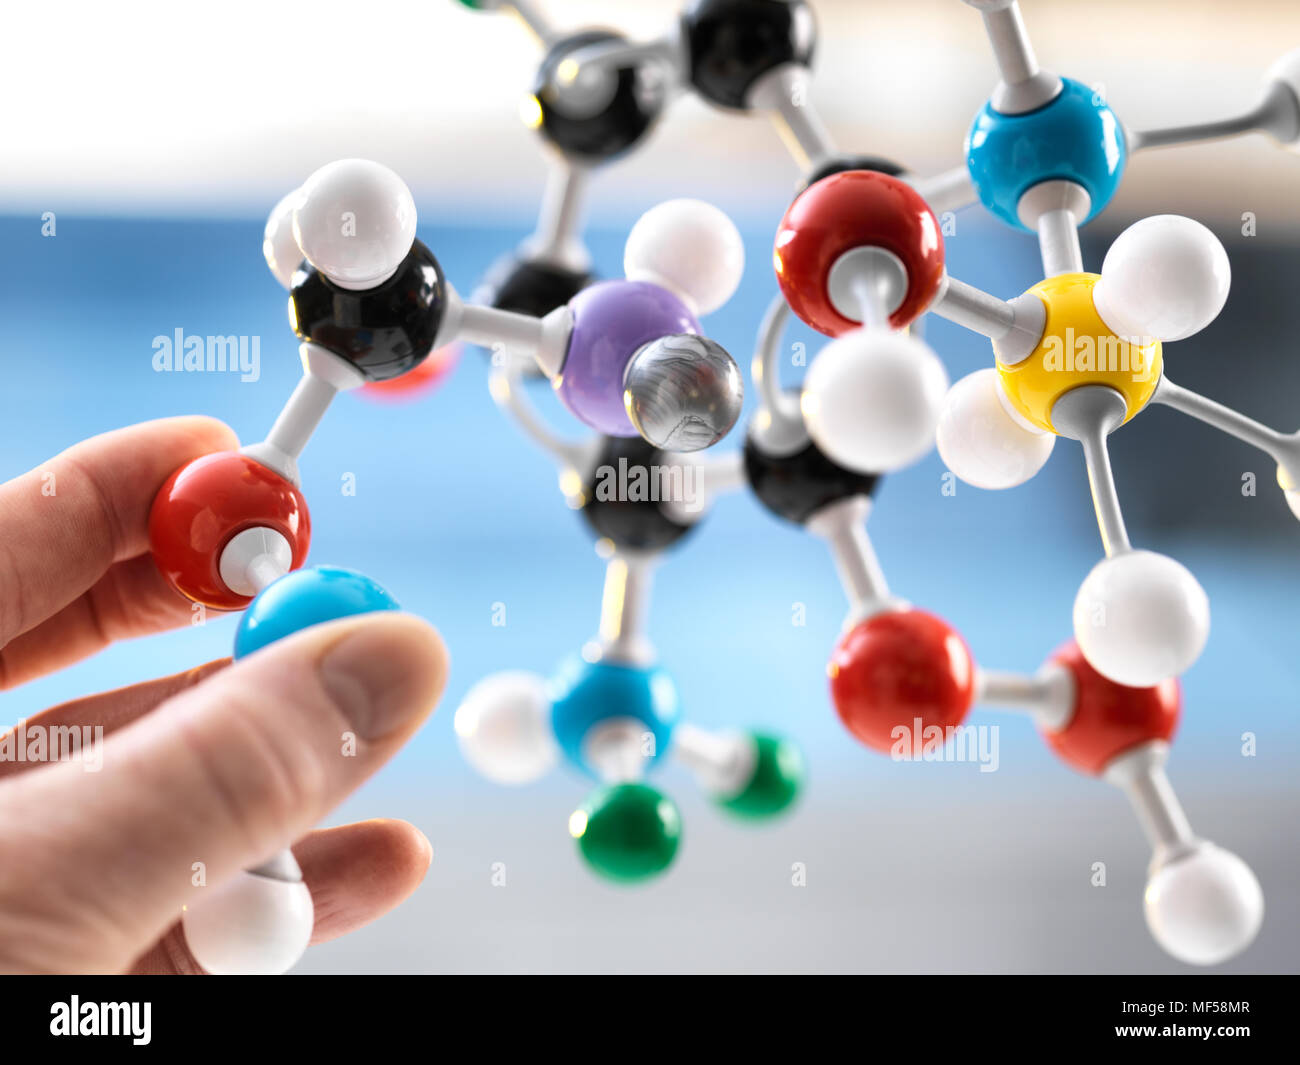 Scientist holding un modèle moléculaire Photo Stock